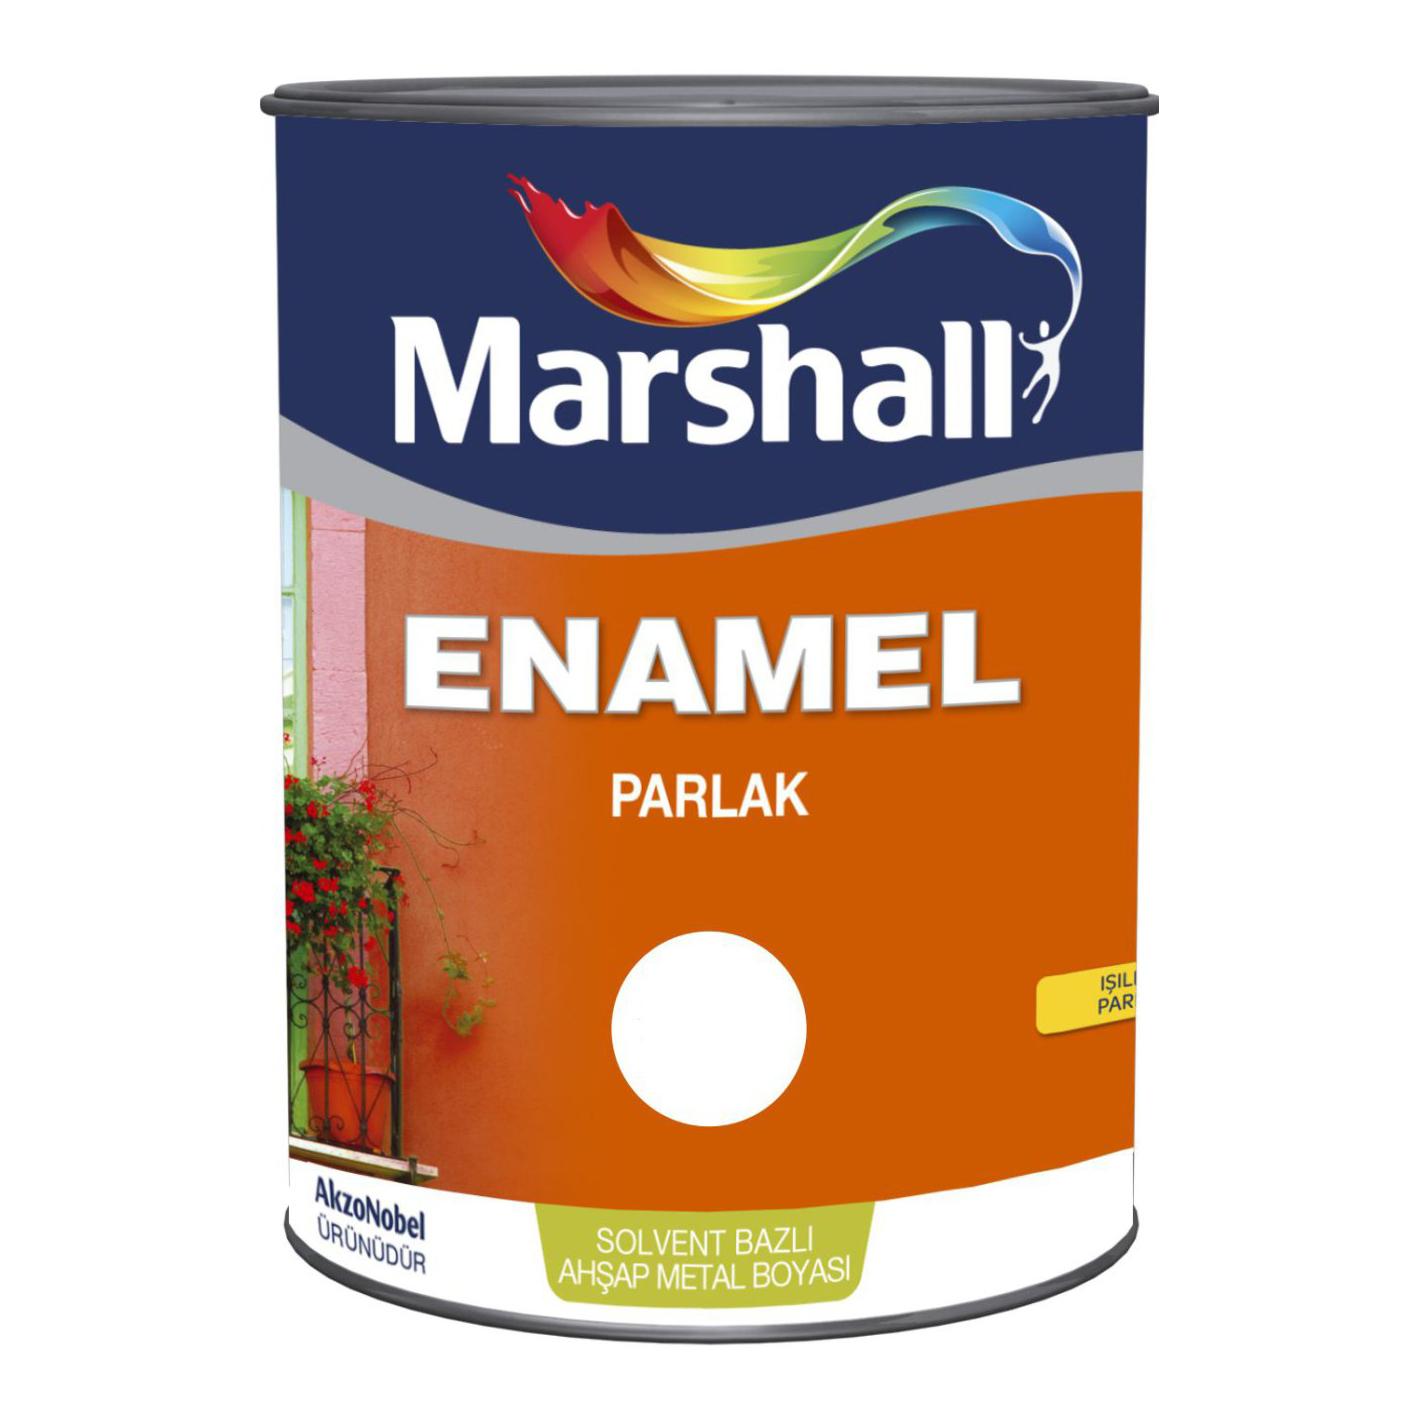 Marshall Enamel Parlak Siyah 2.5Lt